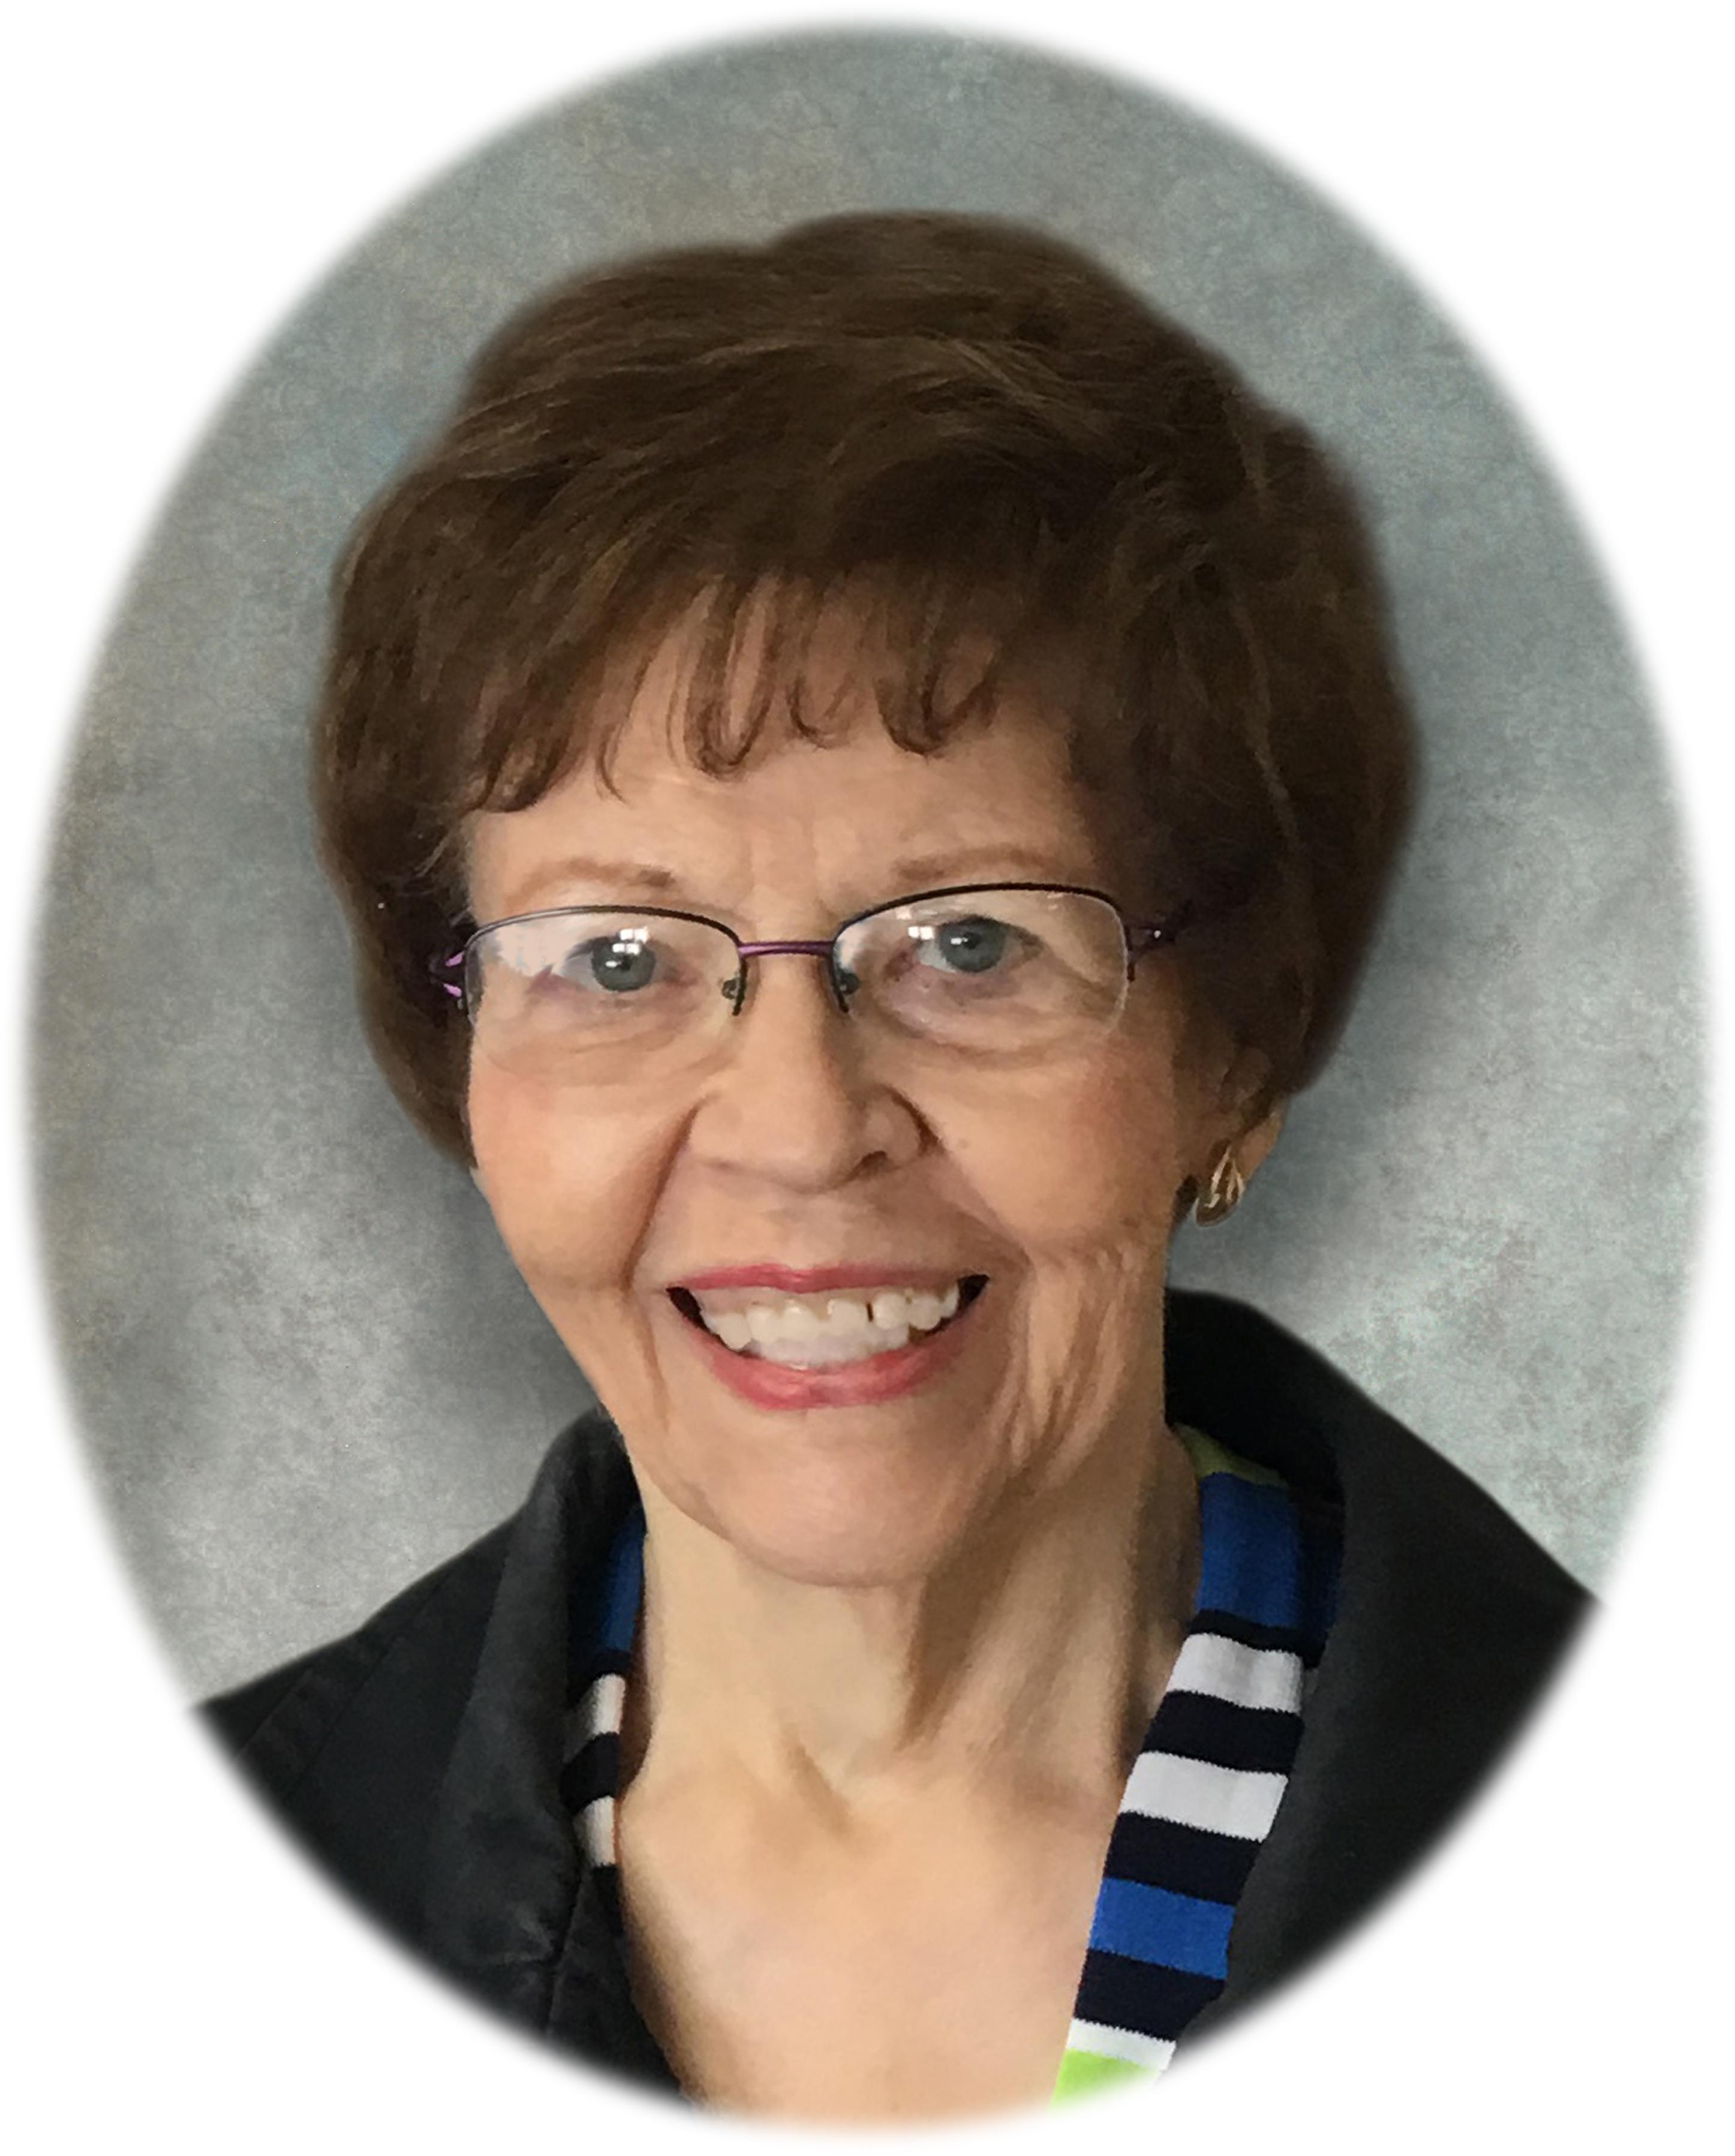 Jeanette P. Polt